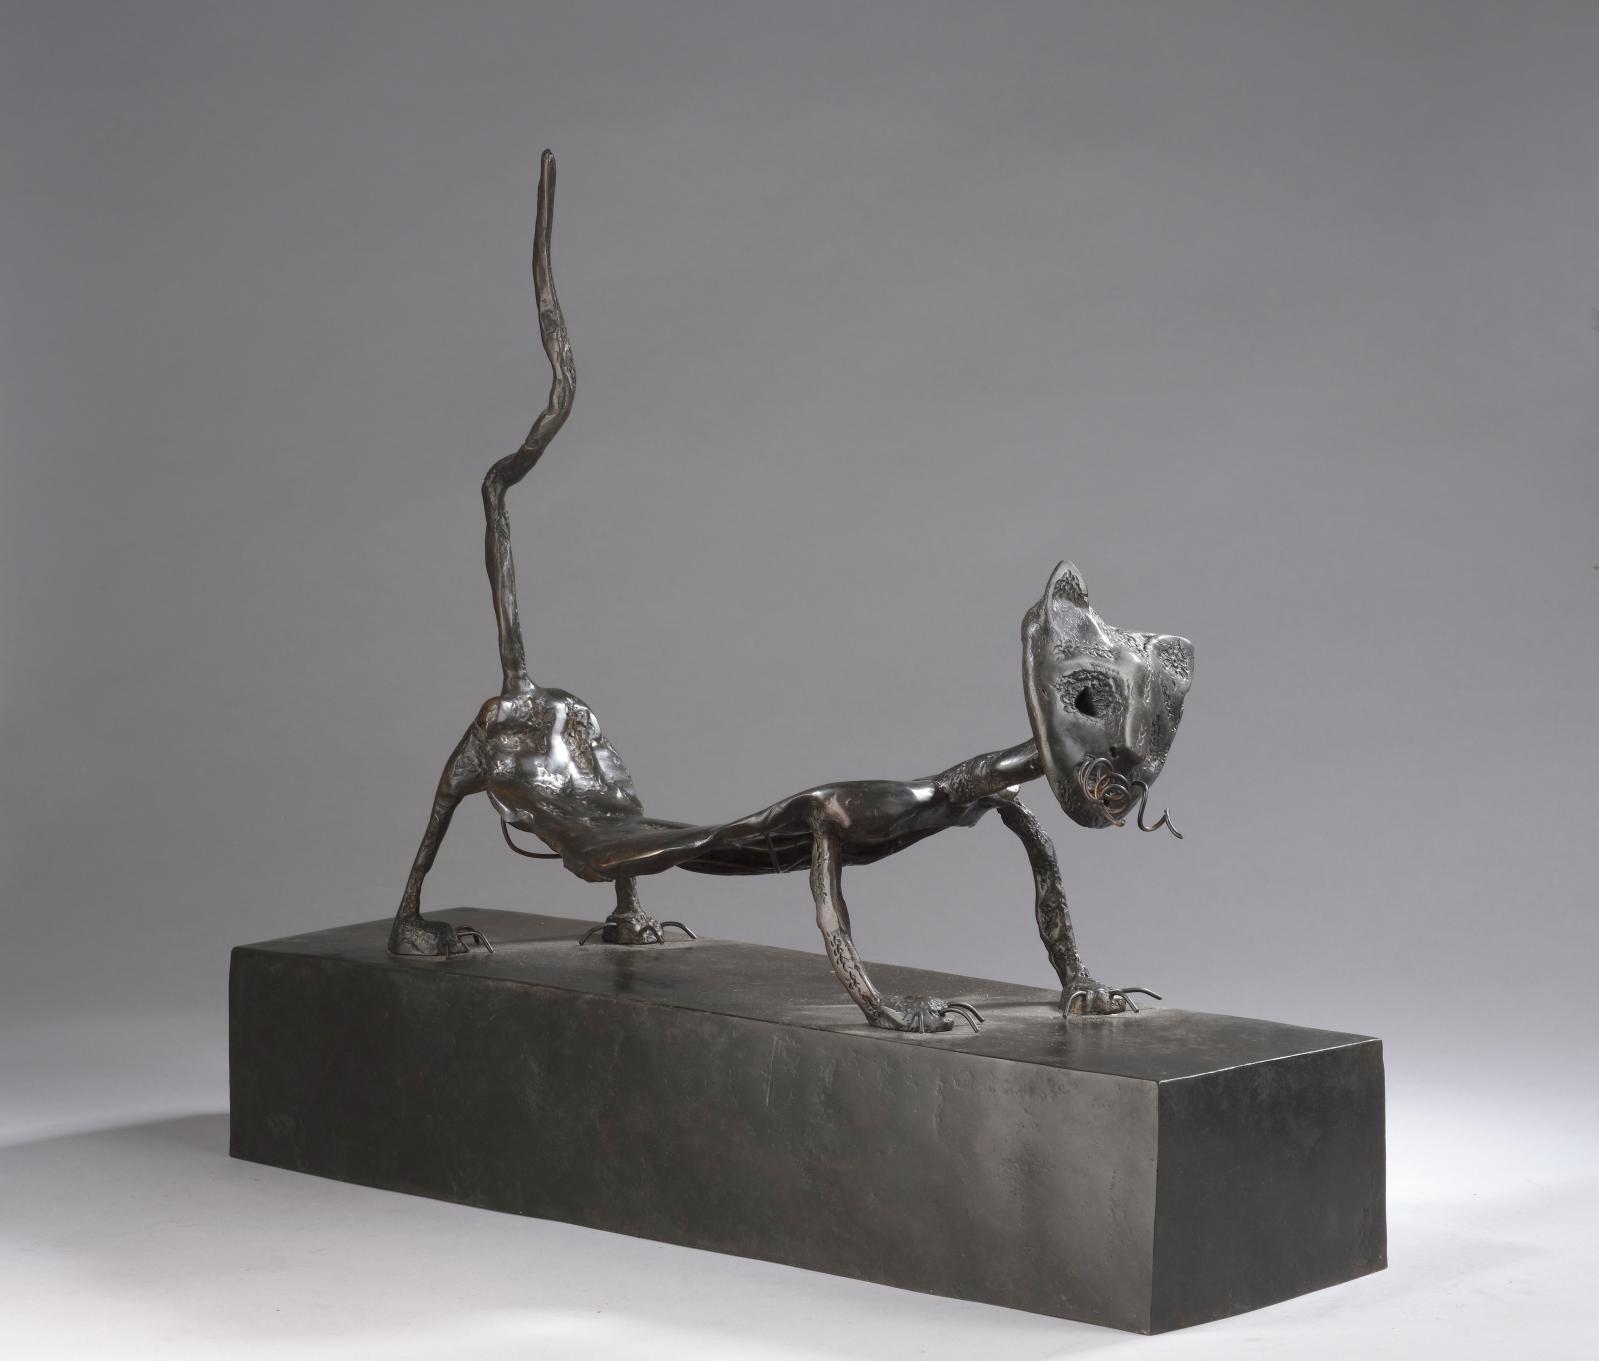 Sophido (née en 1963), Fifi peau de chat, 1989, épreuve en bronze à patine brun sombre, numérotée5/6, Landowski fondeur, 44,5x51,5x14